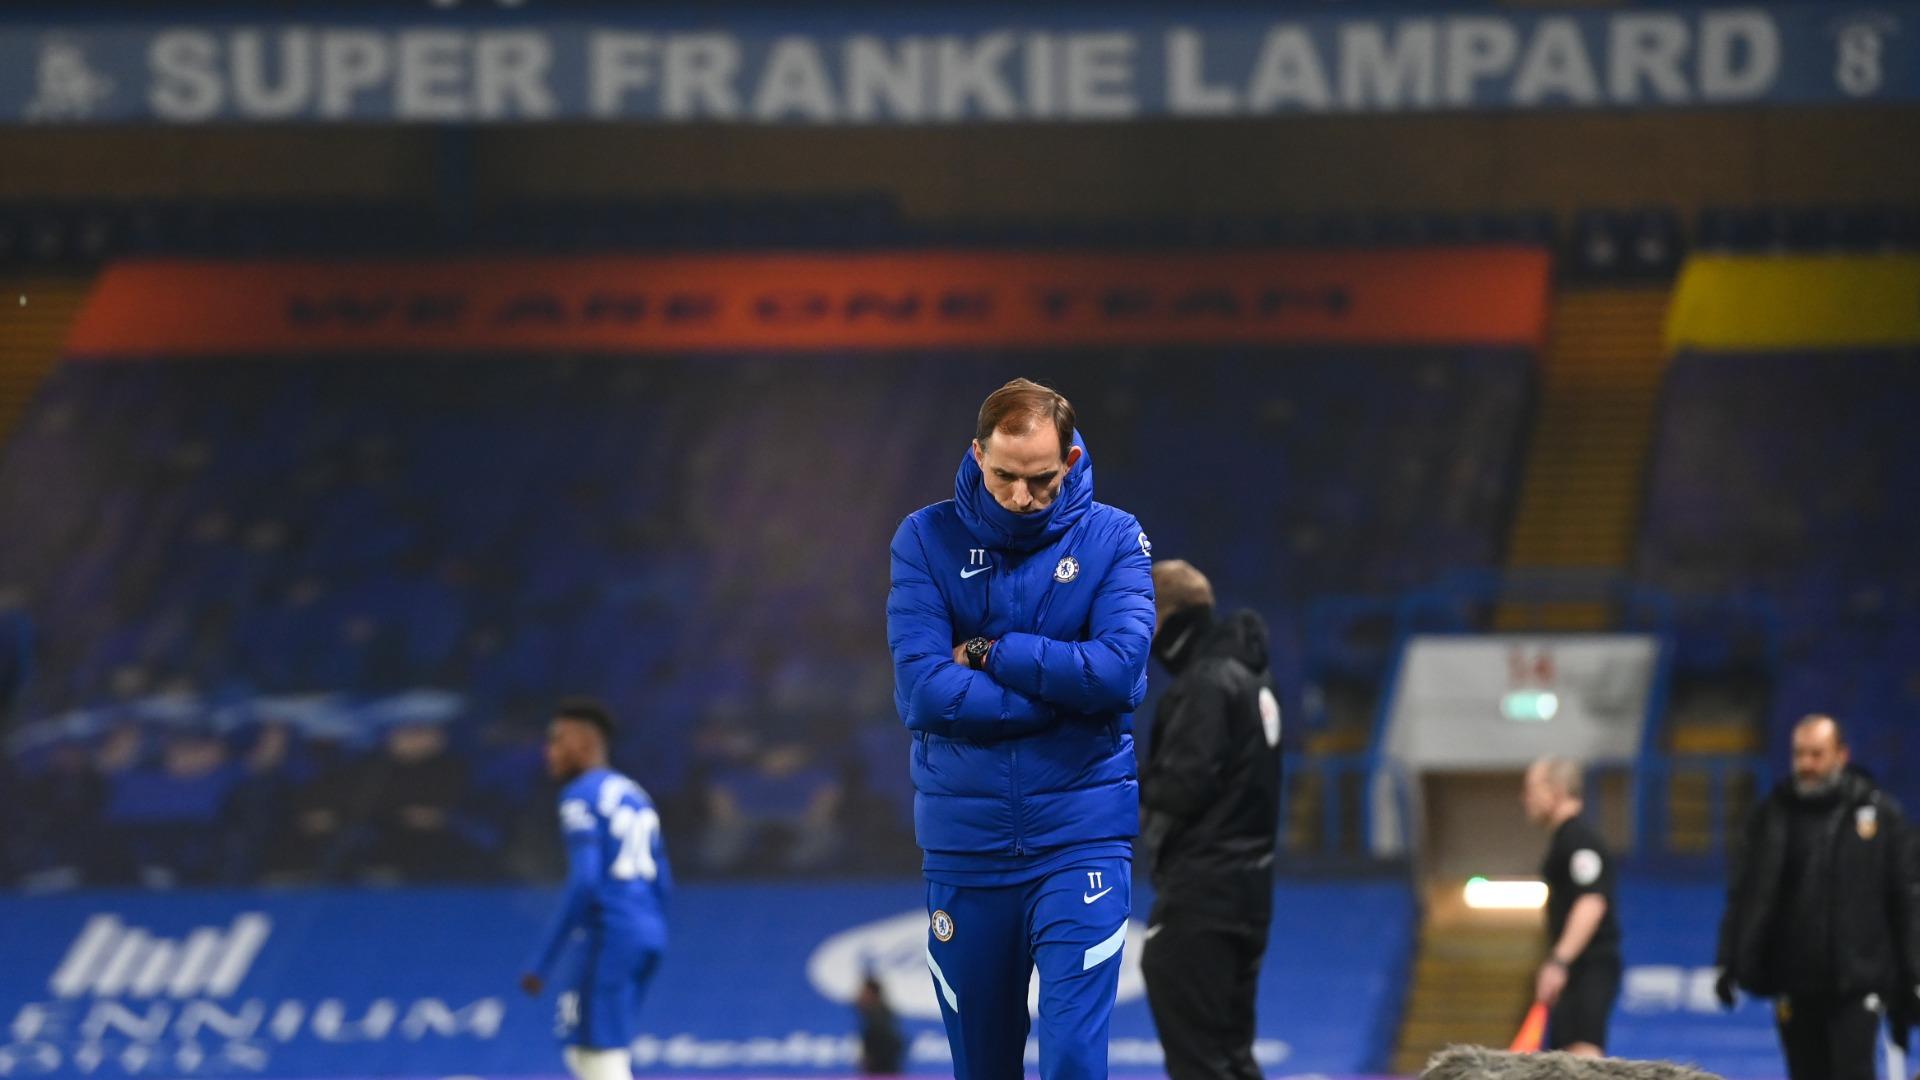 Chelsea 0-0 Wolves: Tuchel era off to unimpressive start despite Blues' dominance